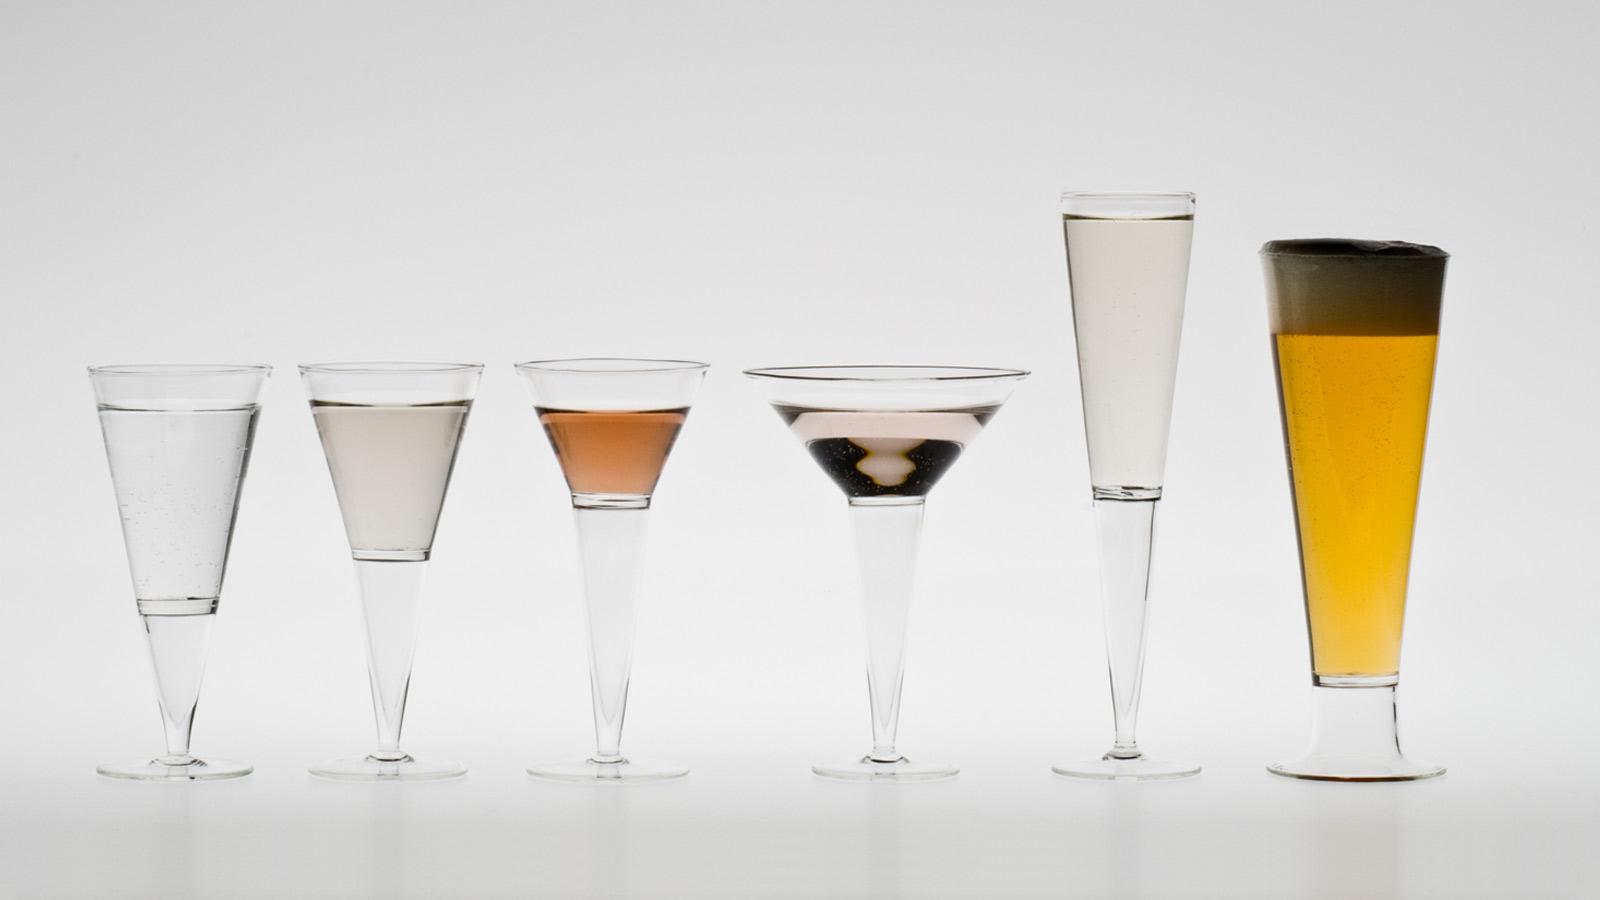 air boire rares verres coniques pied avec une jambe souffl e dimensions verre eau. Black Bedroom Furniture Sets. Home Design Ideas